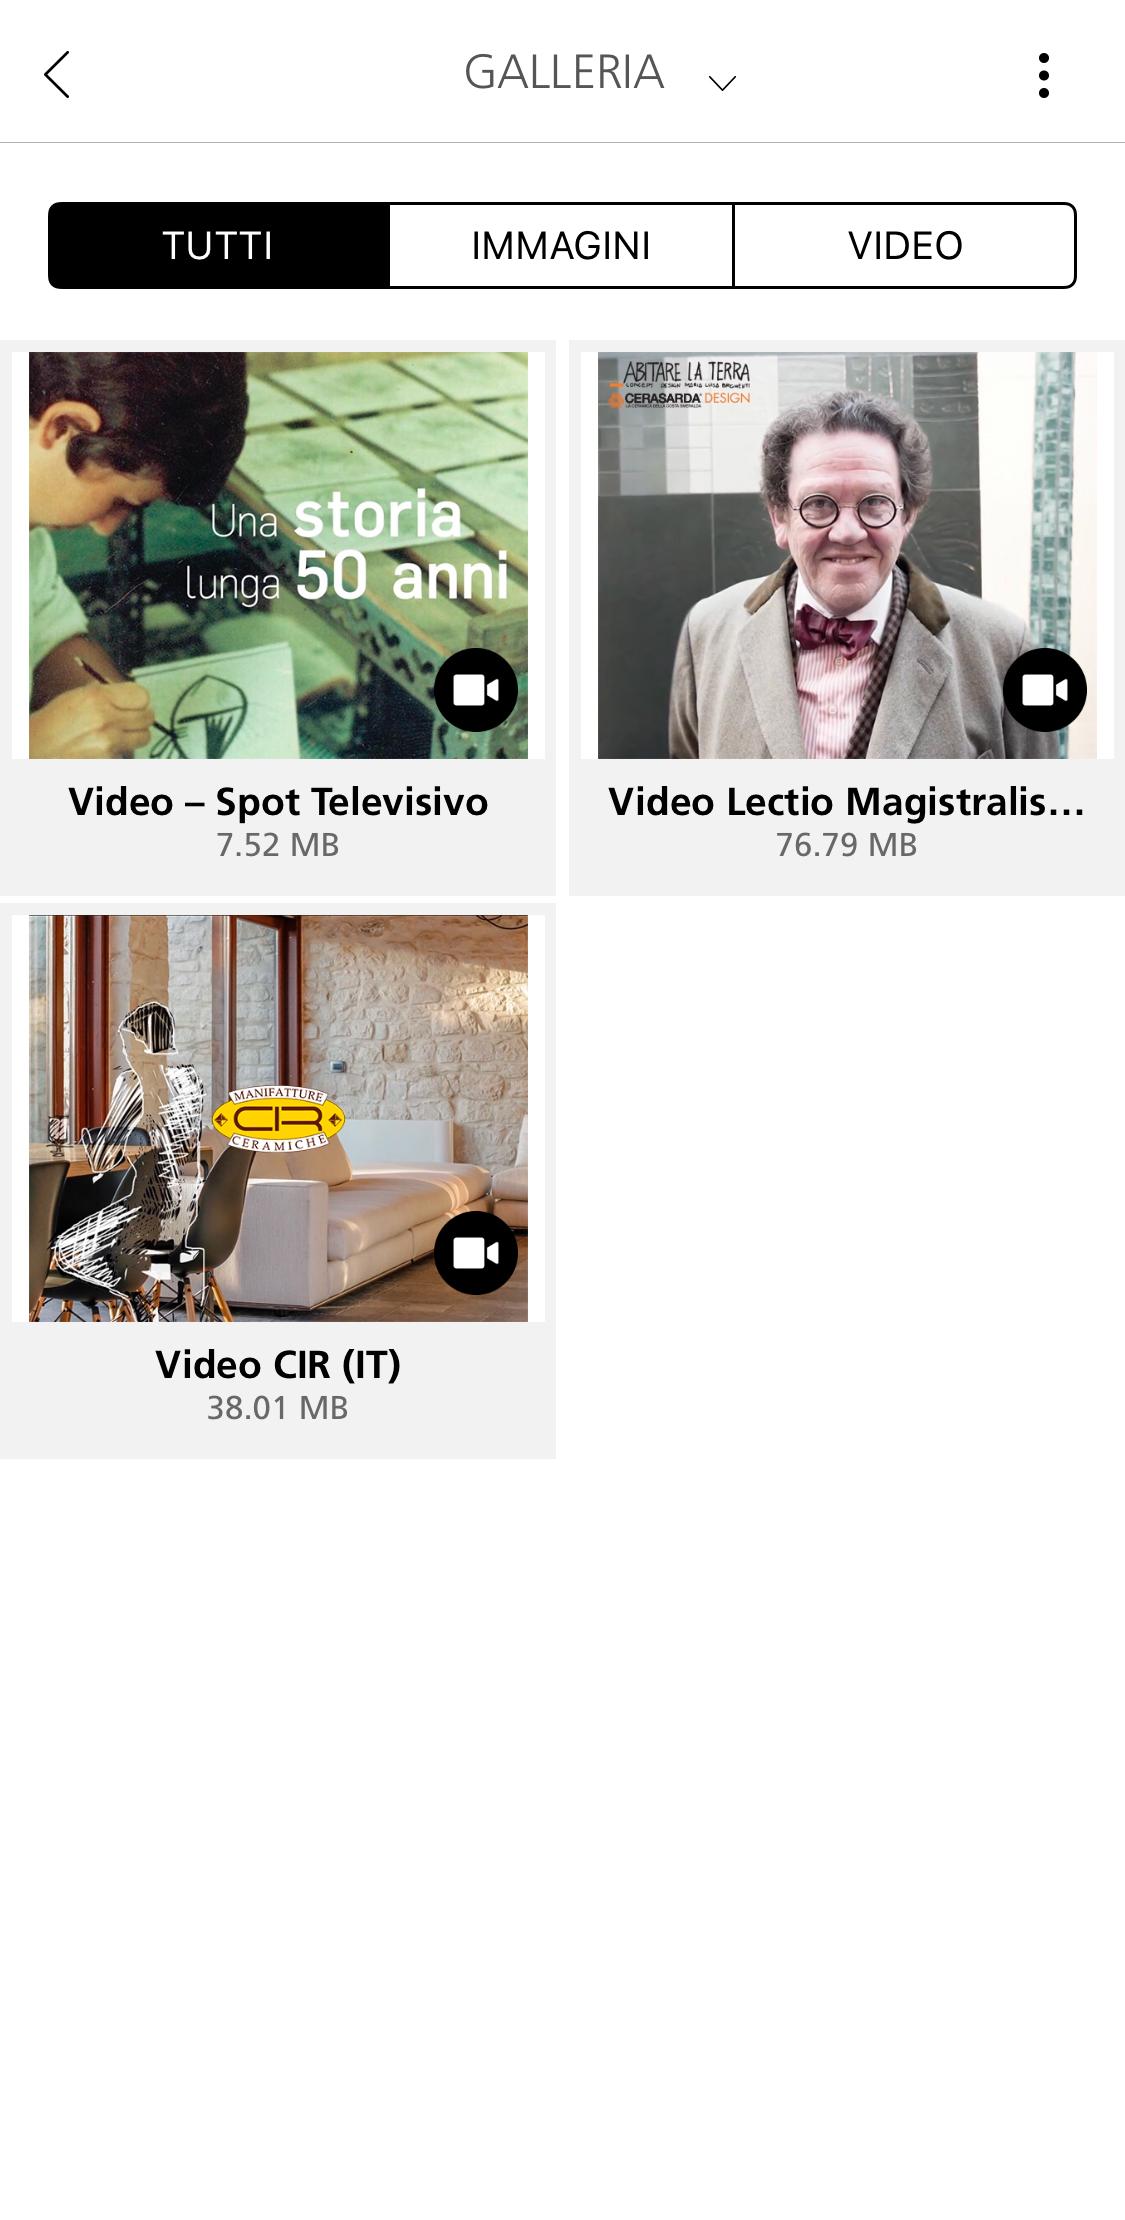 Media: immagini e video